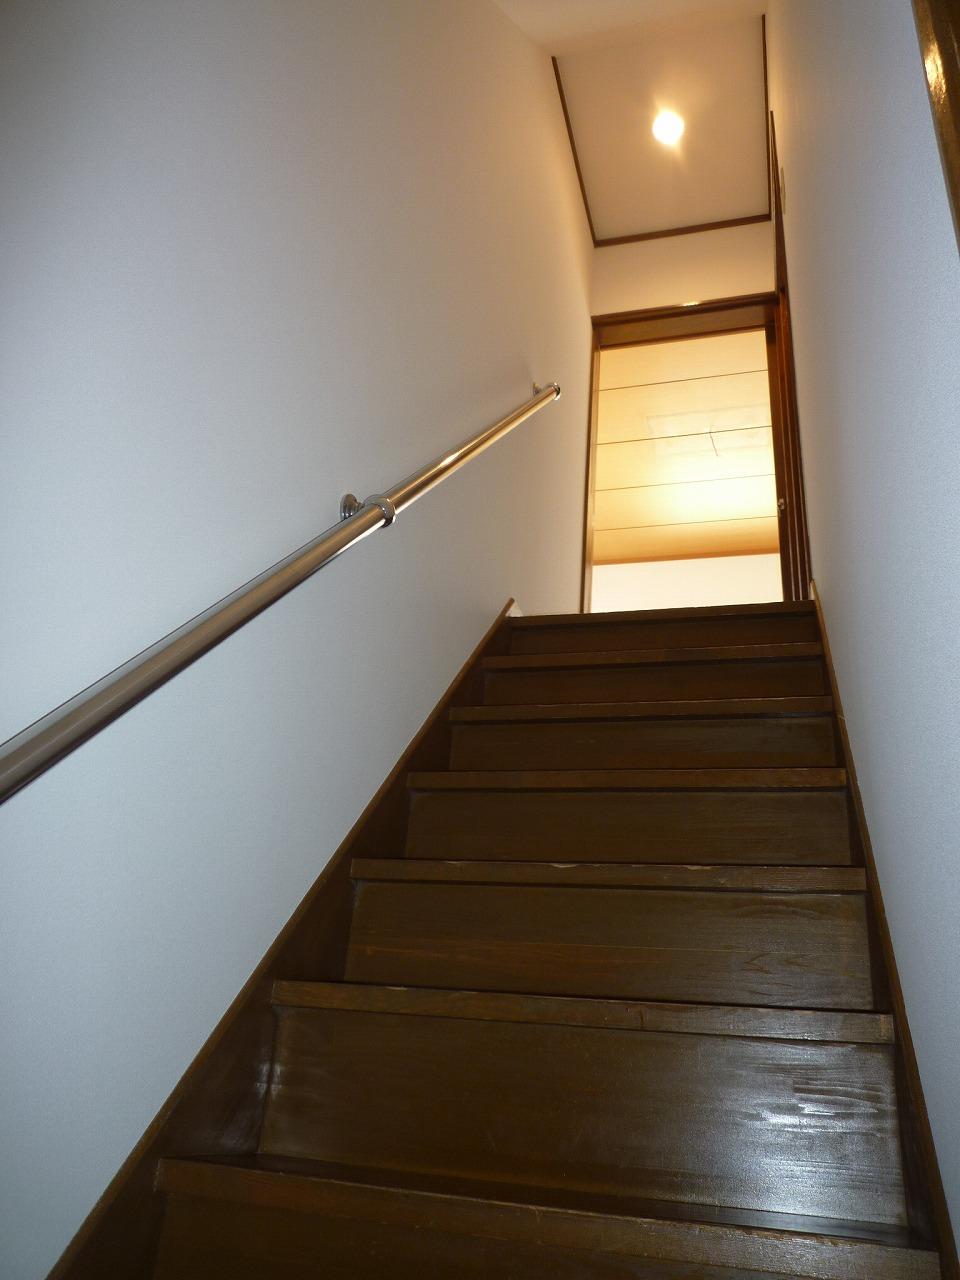 2樓到3樓的樓梯間